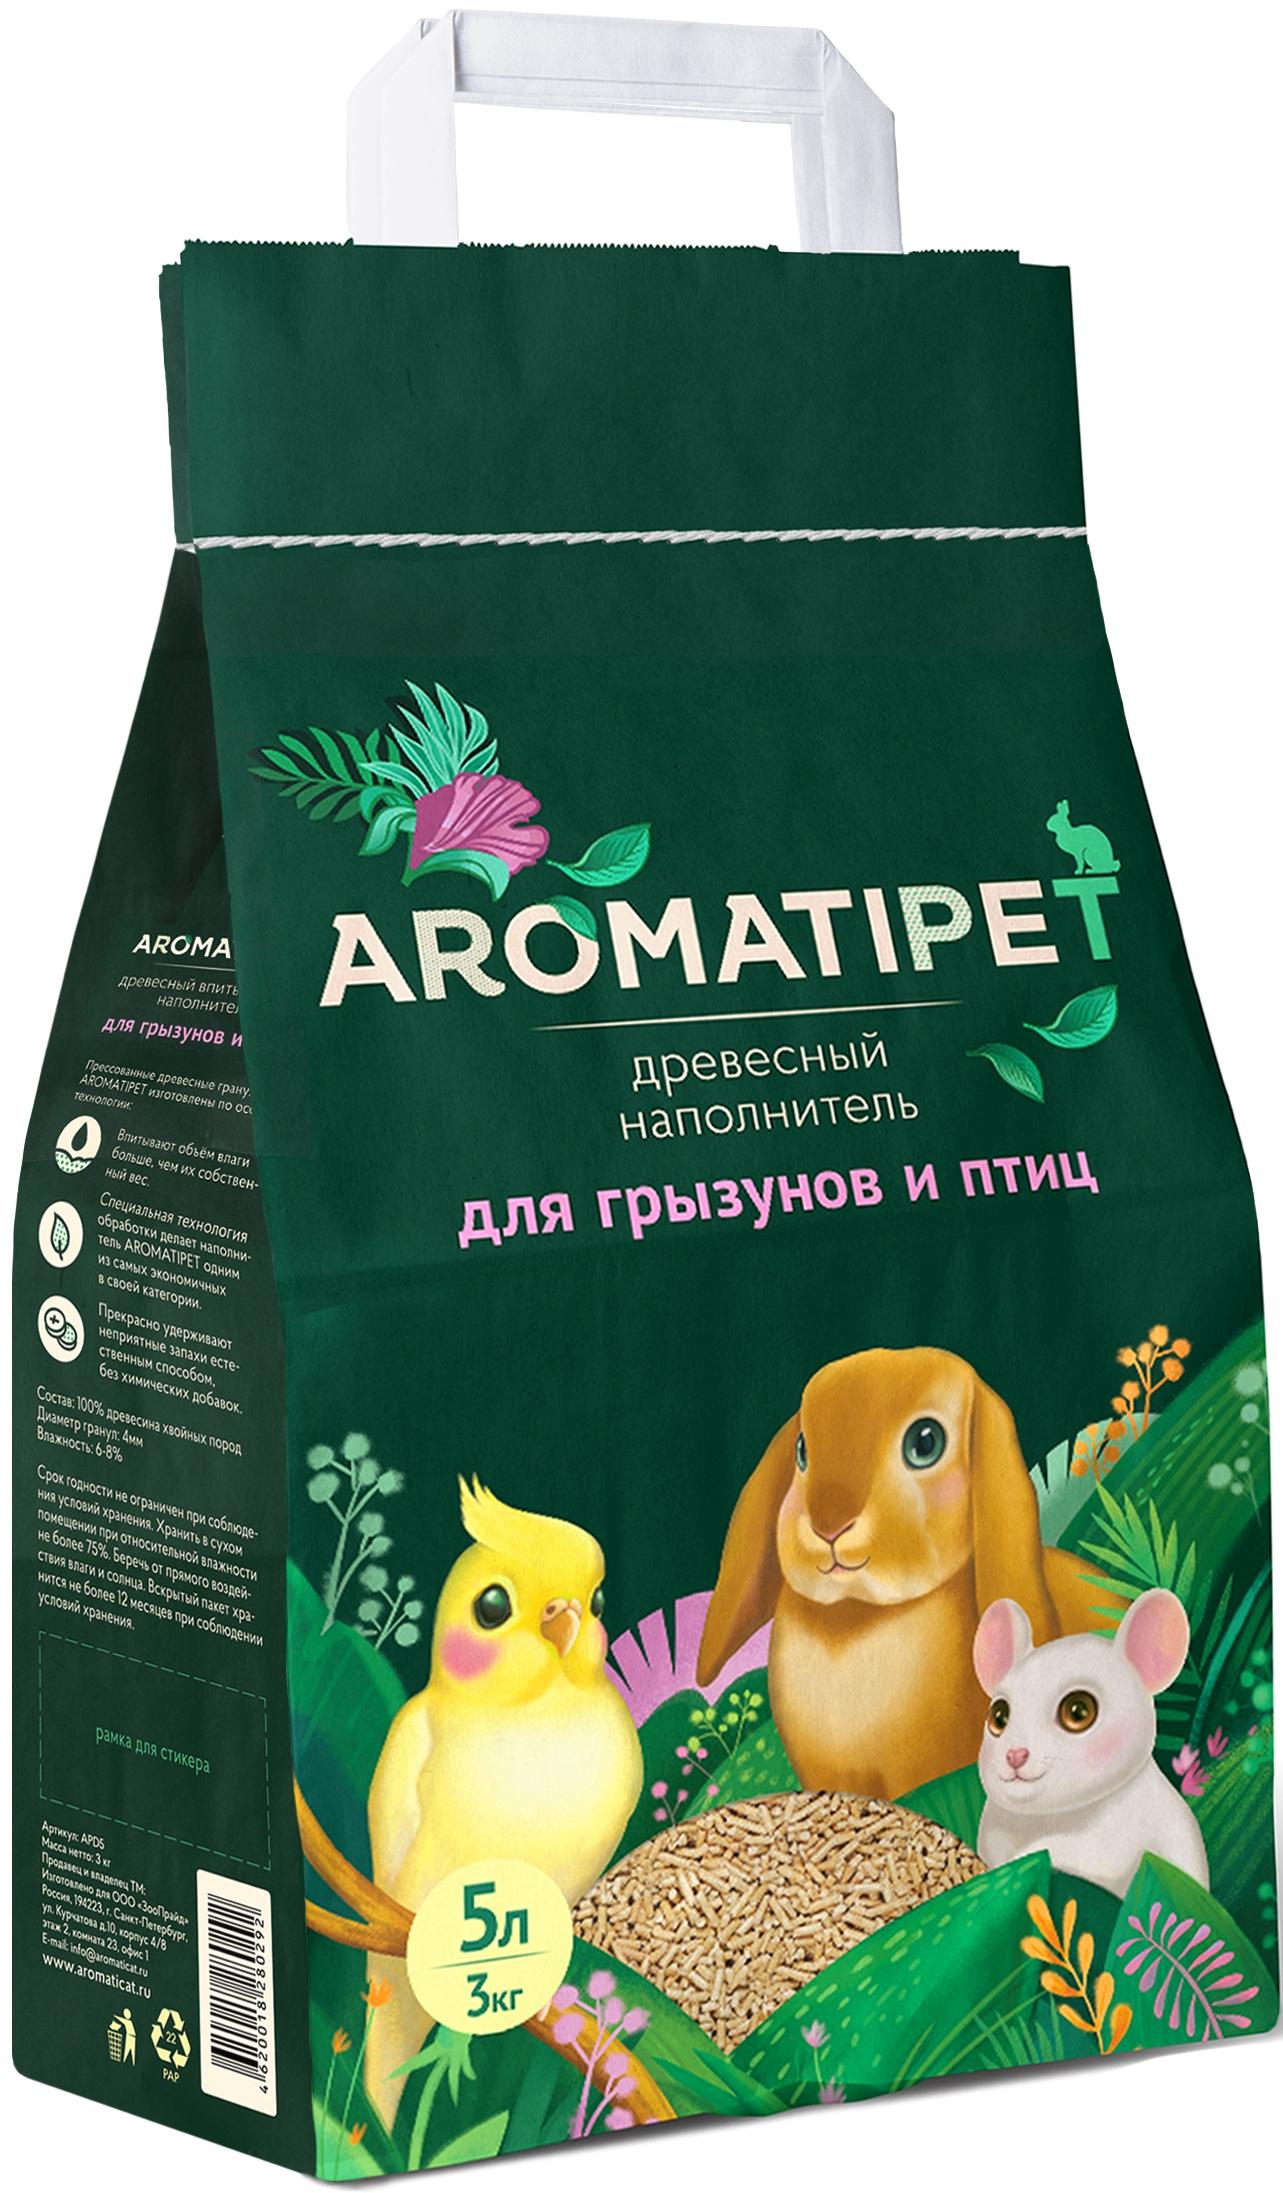 Наполнитель для грызунов и птиц AromatiPet, древесный,